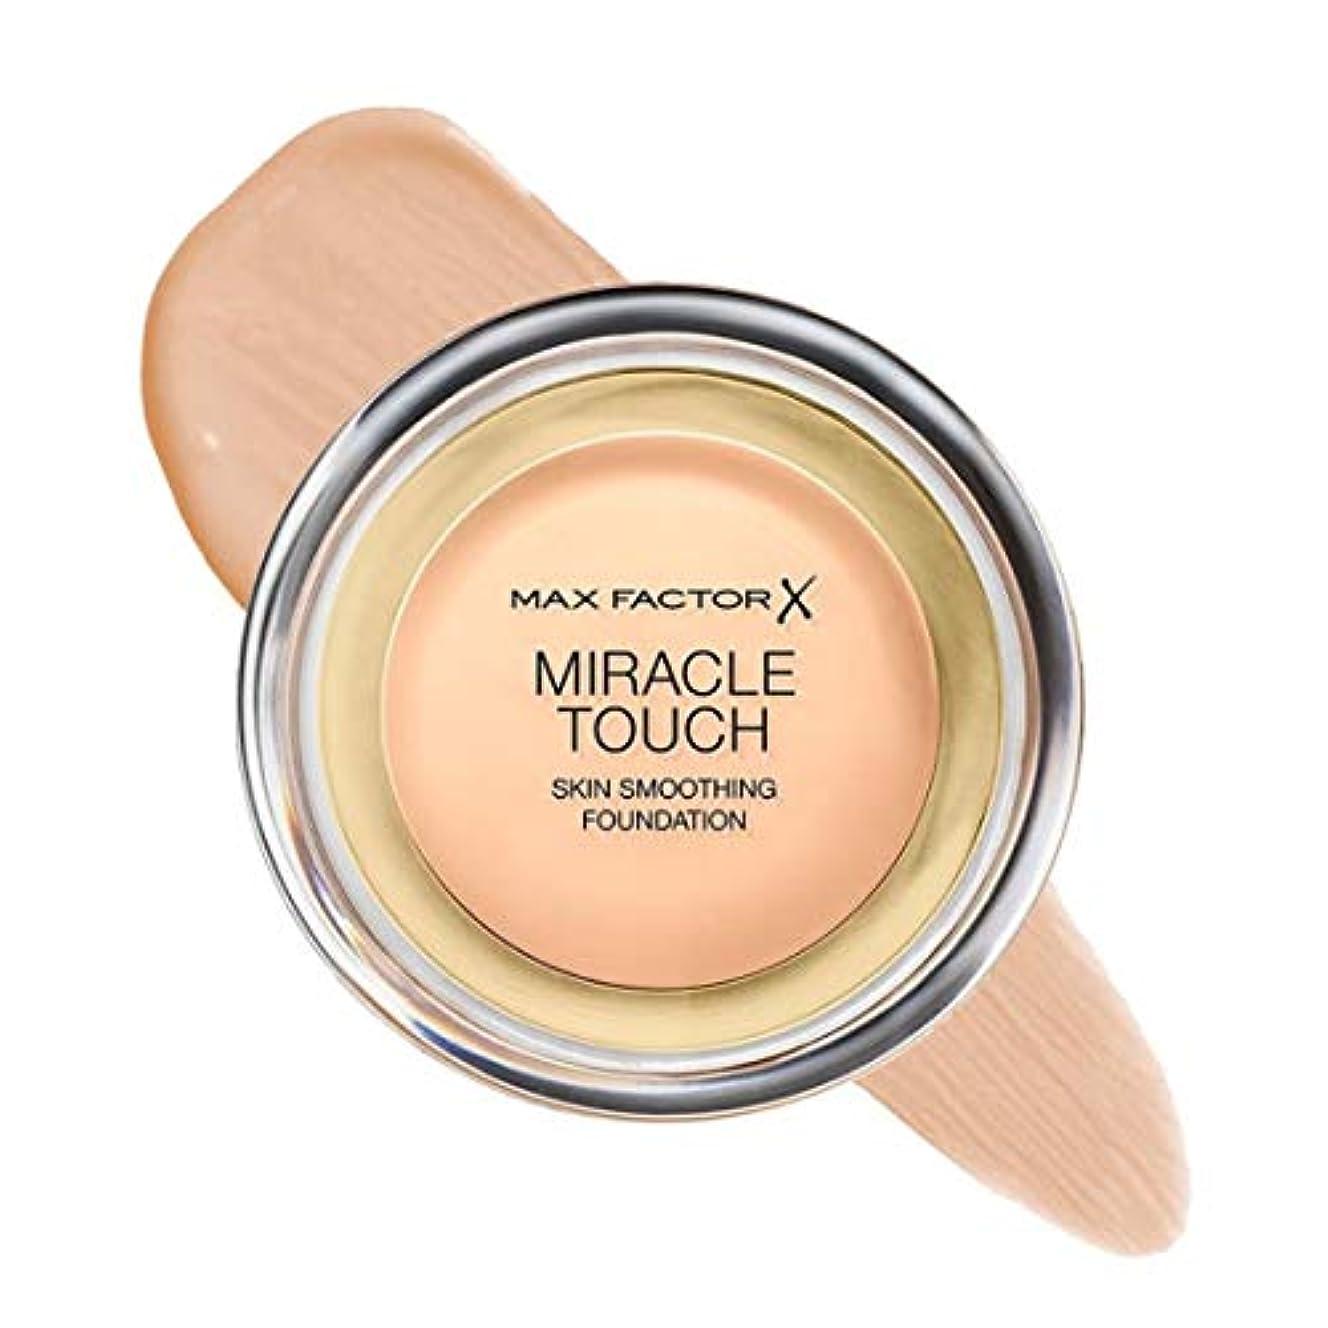 荒らす論理的に法的マックス ファクター ミラクル タッチ スキン スムーズ ファウンデーション - ナチュラル Max Factor Miracle Touch Skin Smoothing Foundation - Natural 070...